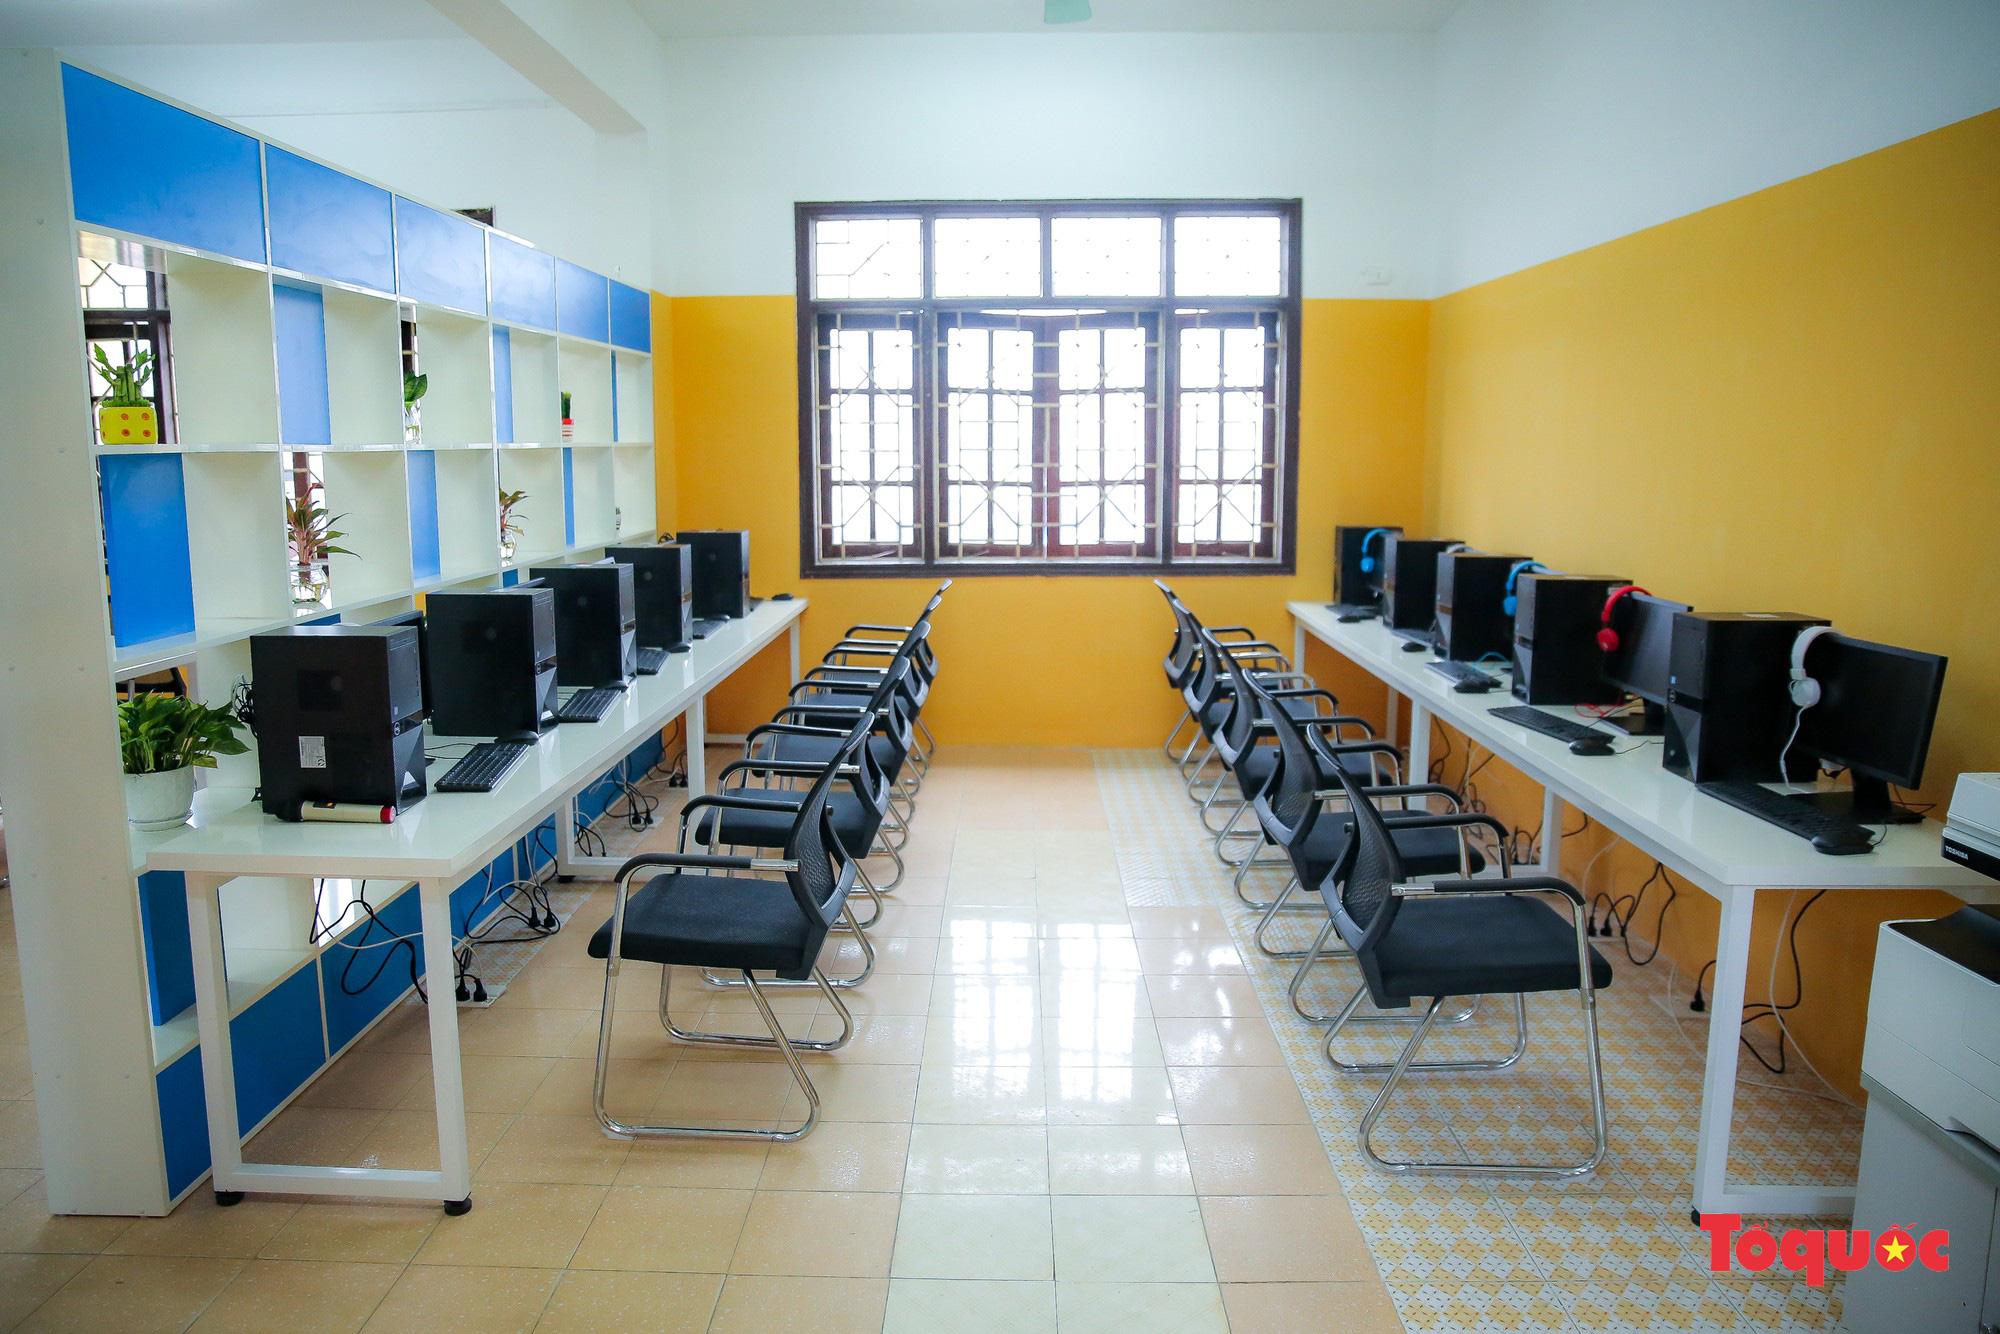 Tham quan phòng học tiếng Anh đa năng đầu tiên của Thái Nguyên - Ảnh 2.